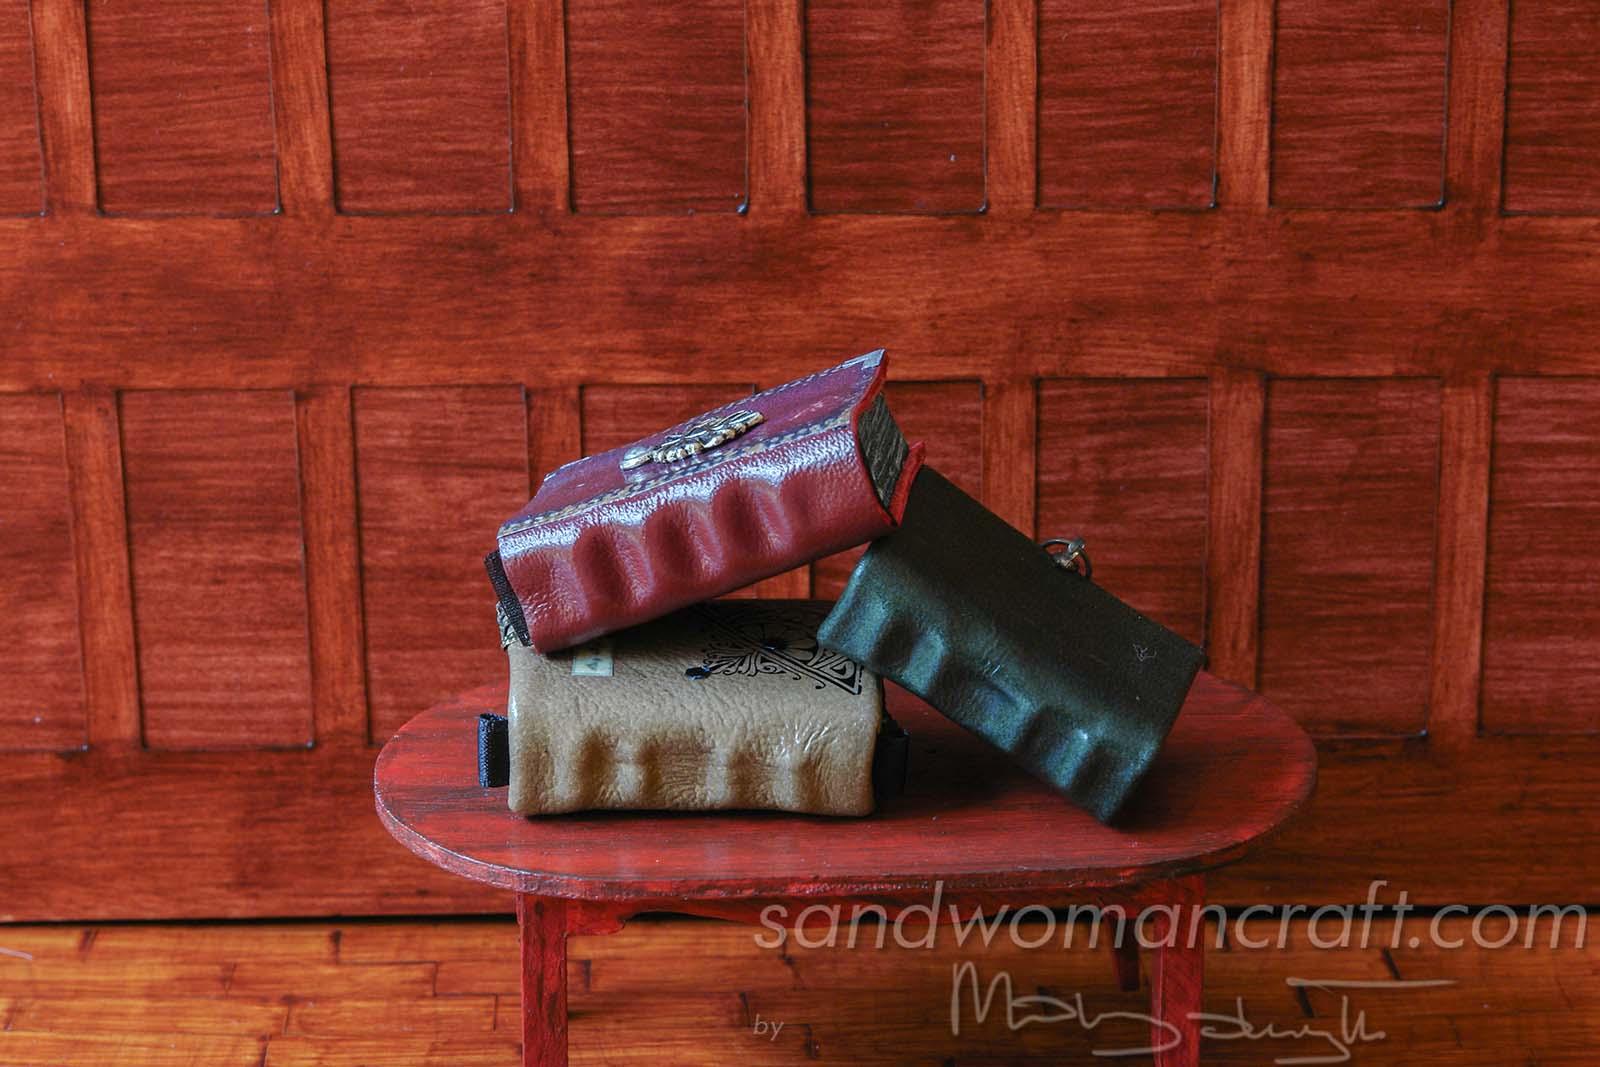 Miniature leather books